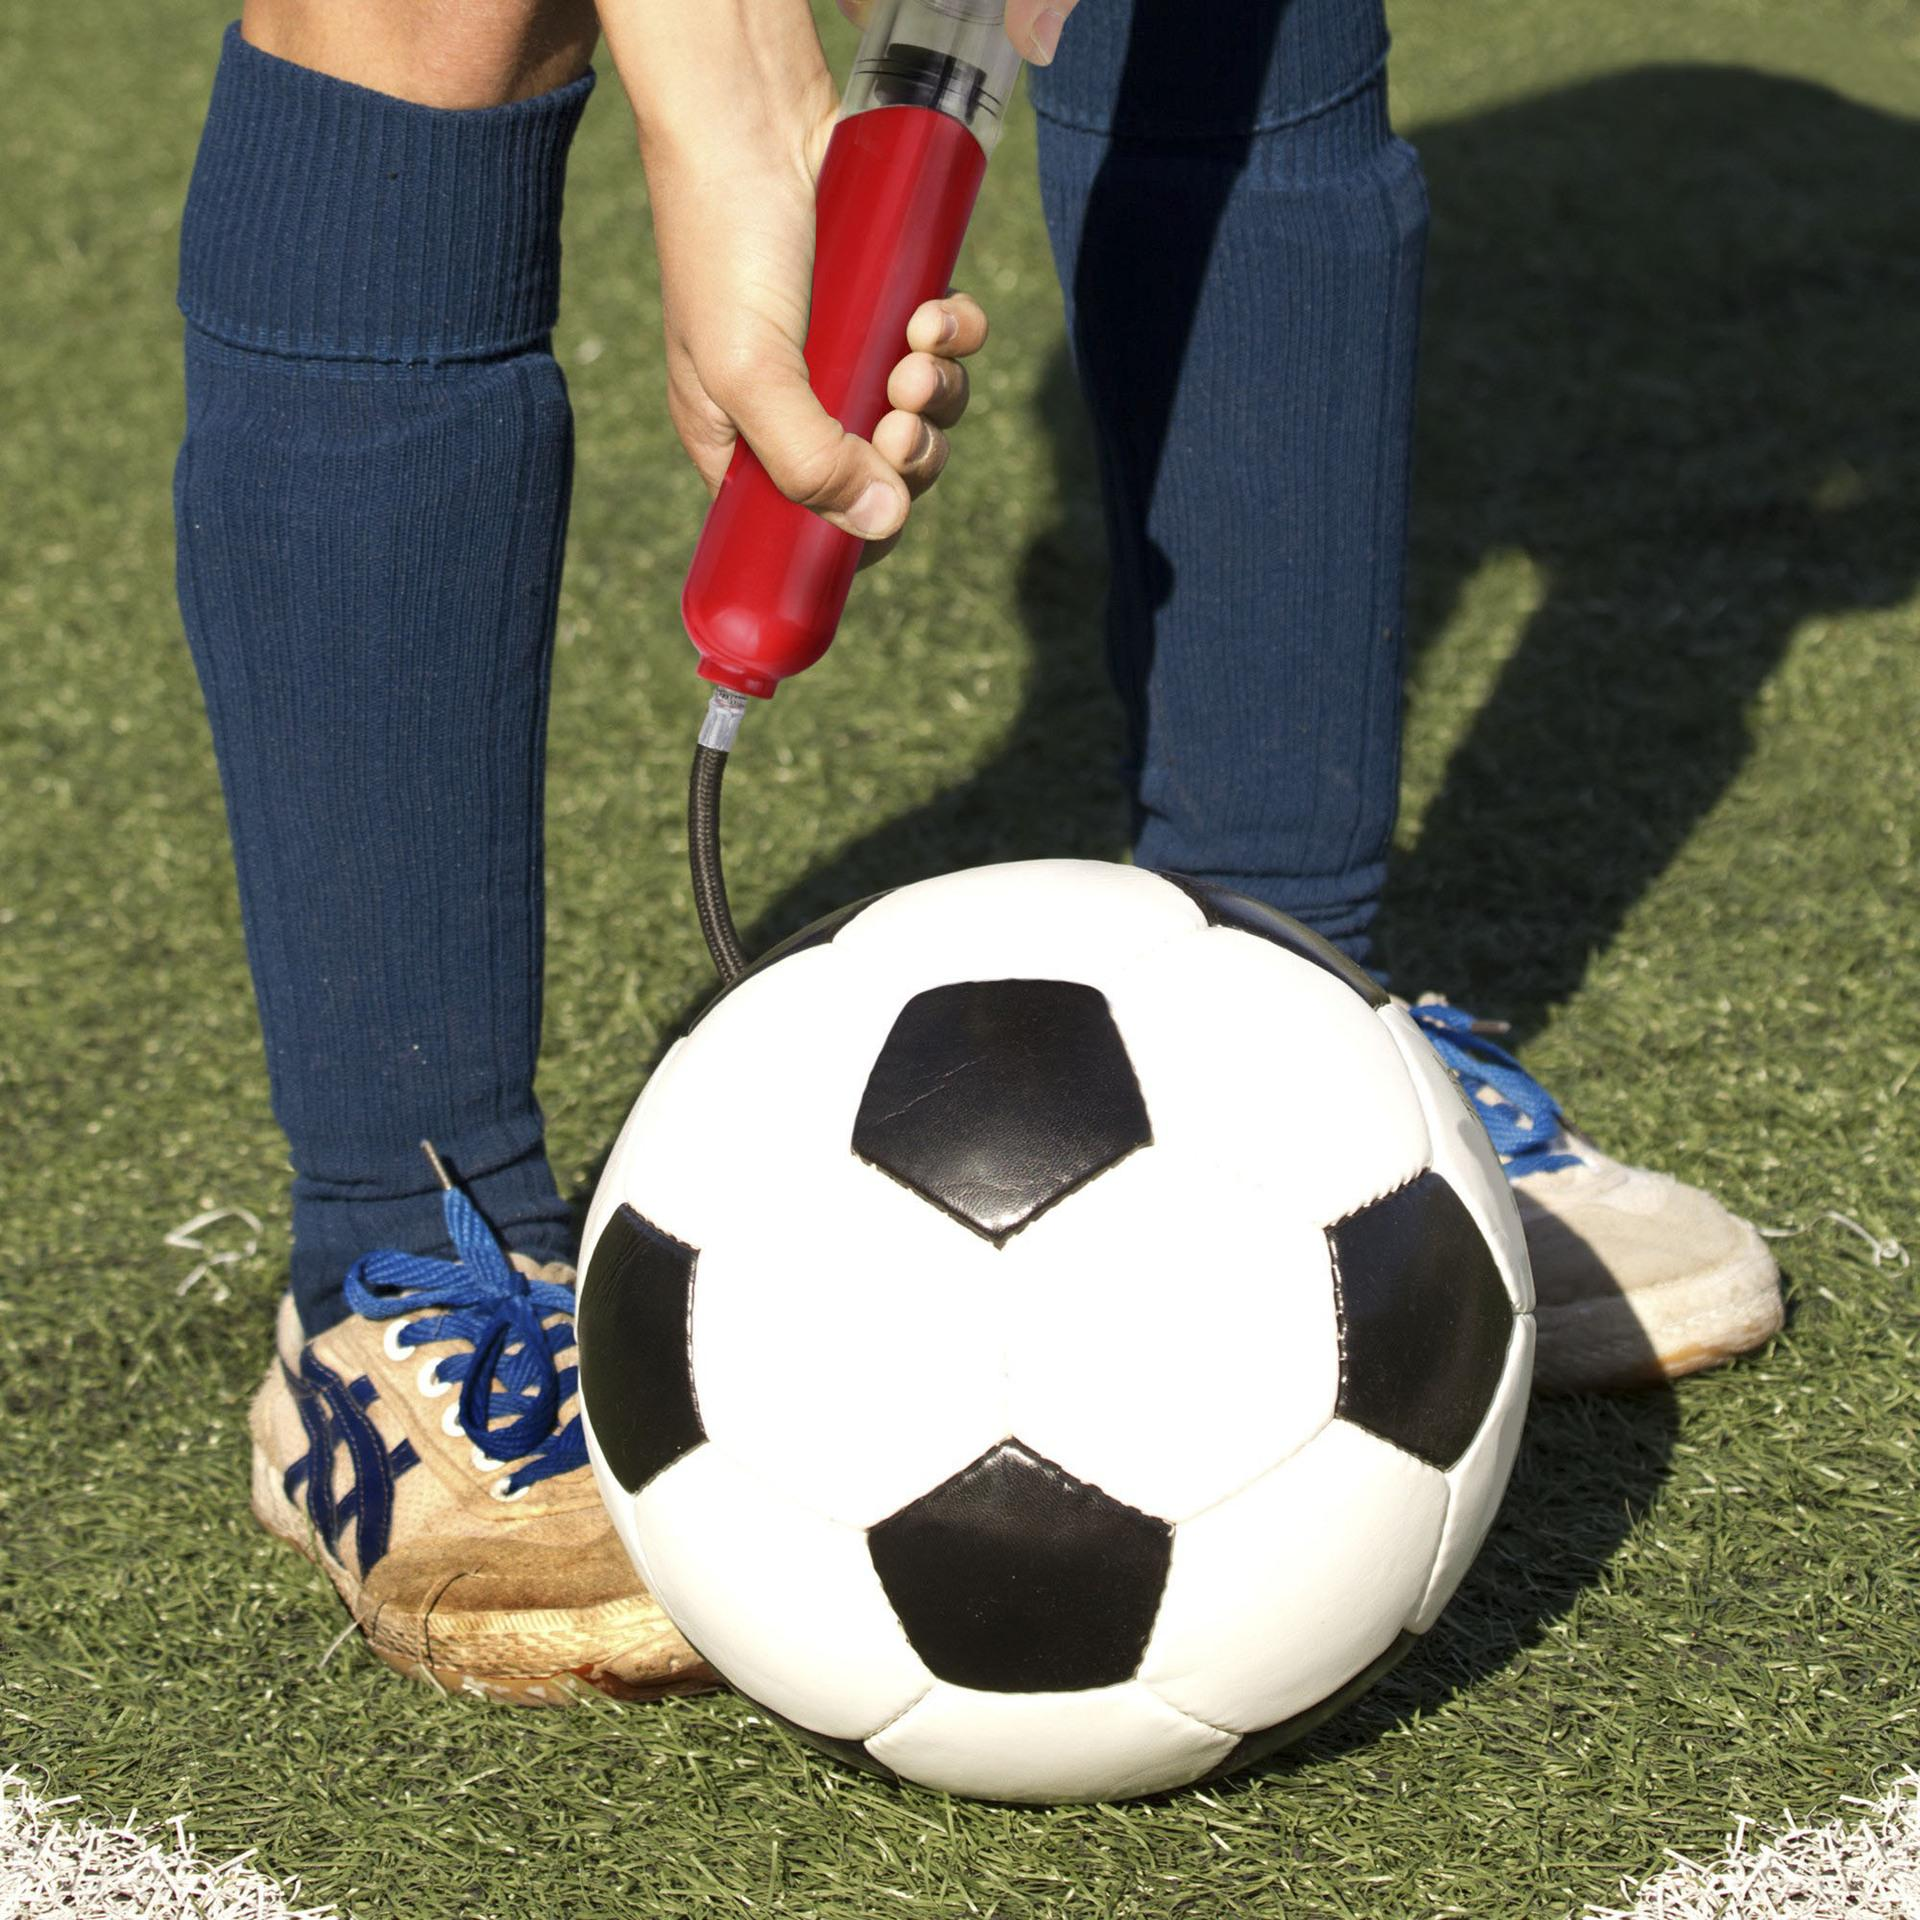 Мини Ручной воздушный насос Открытый Спорт Футбол Баскетбольный мяч Раздувание Портативный насос для шарика пластиковые надувные мячем воздушный насос